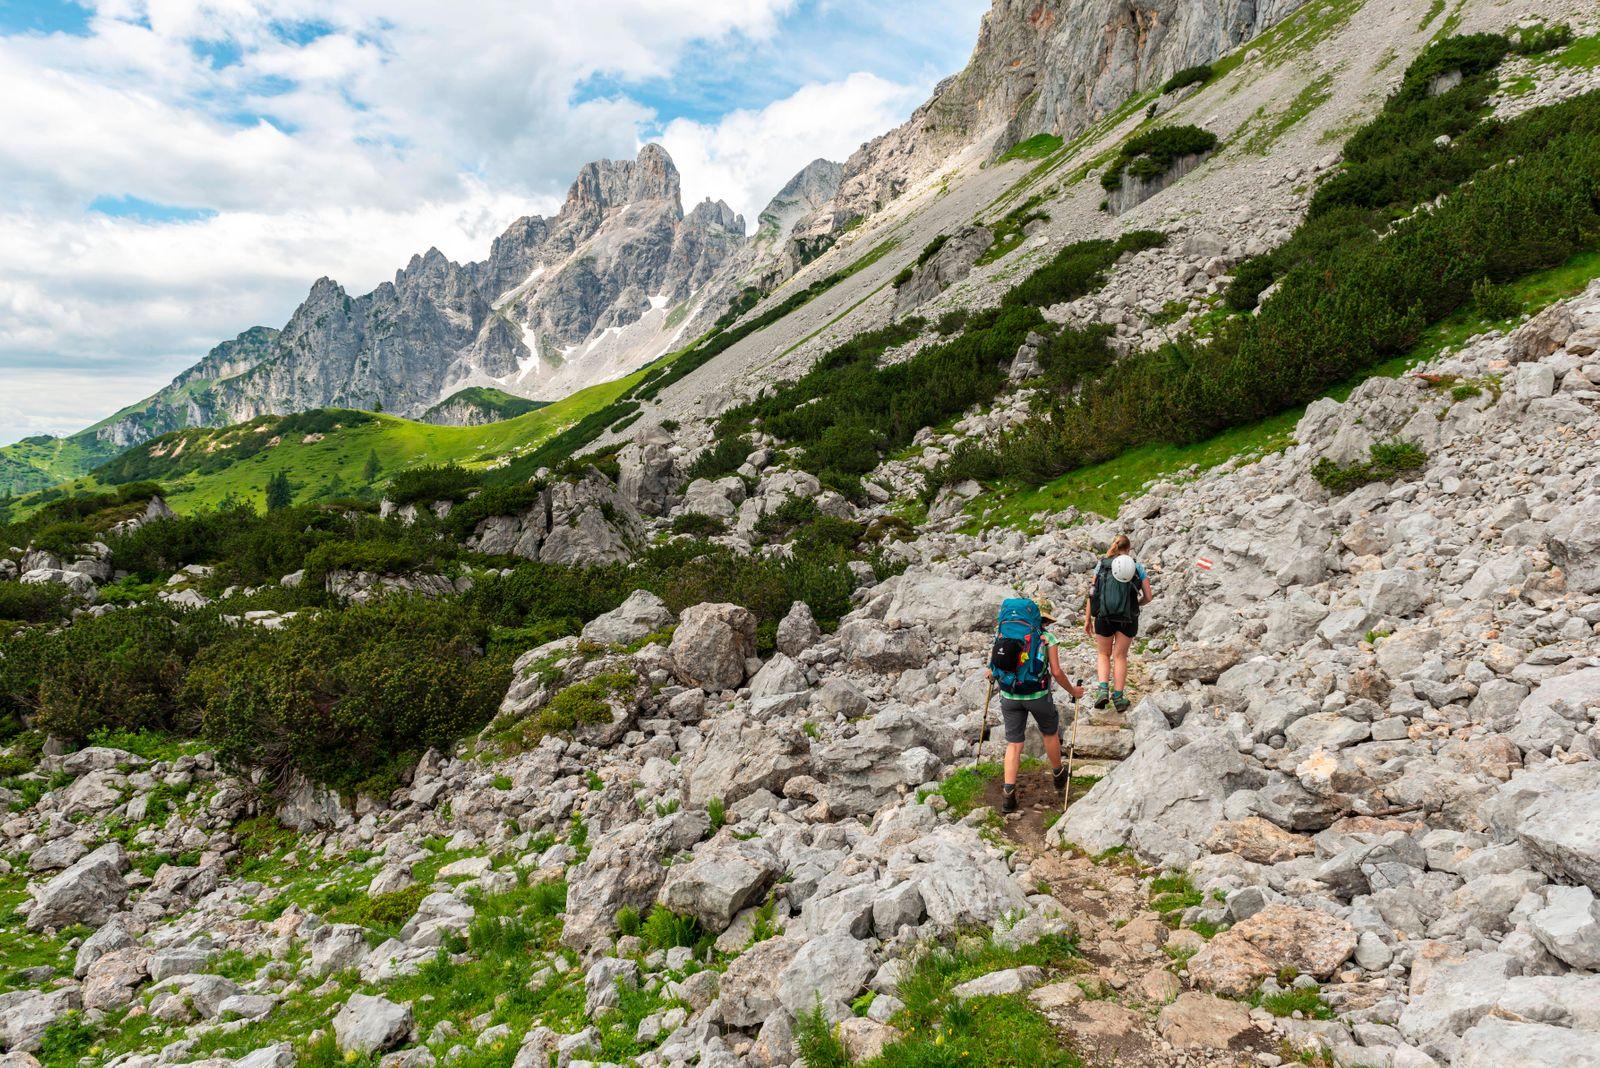 Zwei Wanderer auf markiertem Wanderweg von der Adamekhütte zur Hofpürglhütte, Ausblick auf Bergkamm mit Berggipfel Große